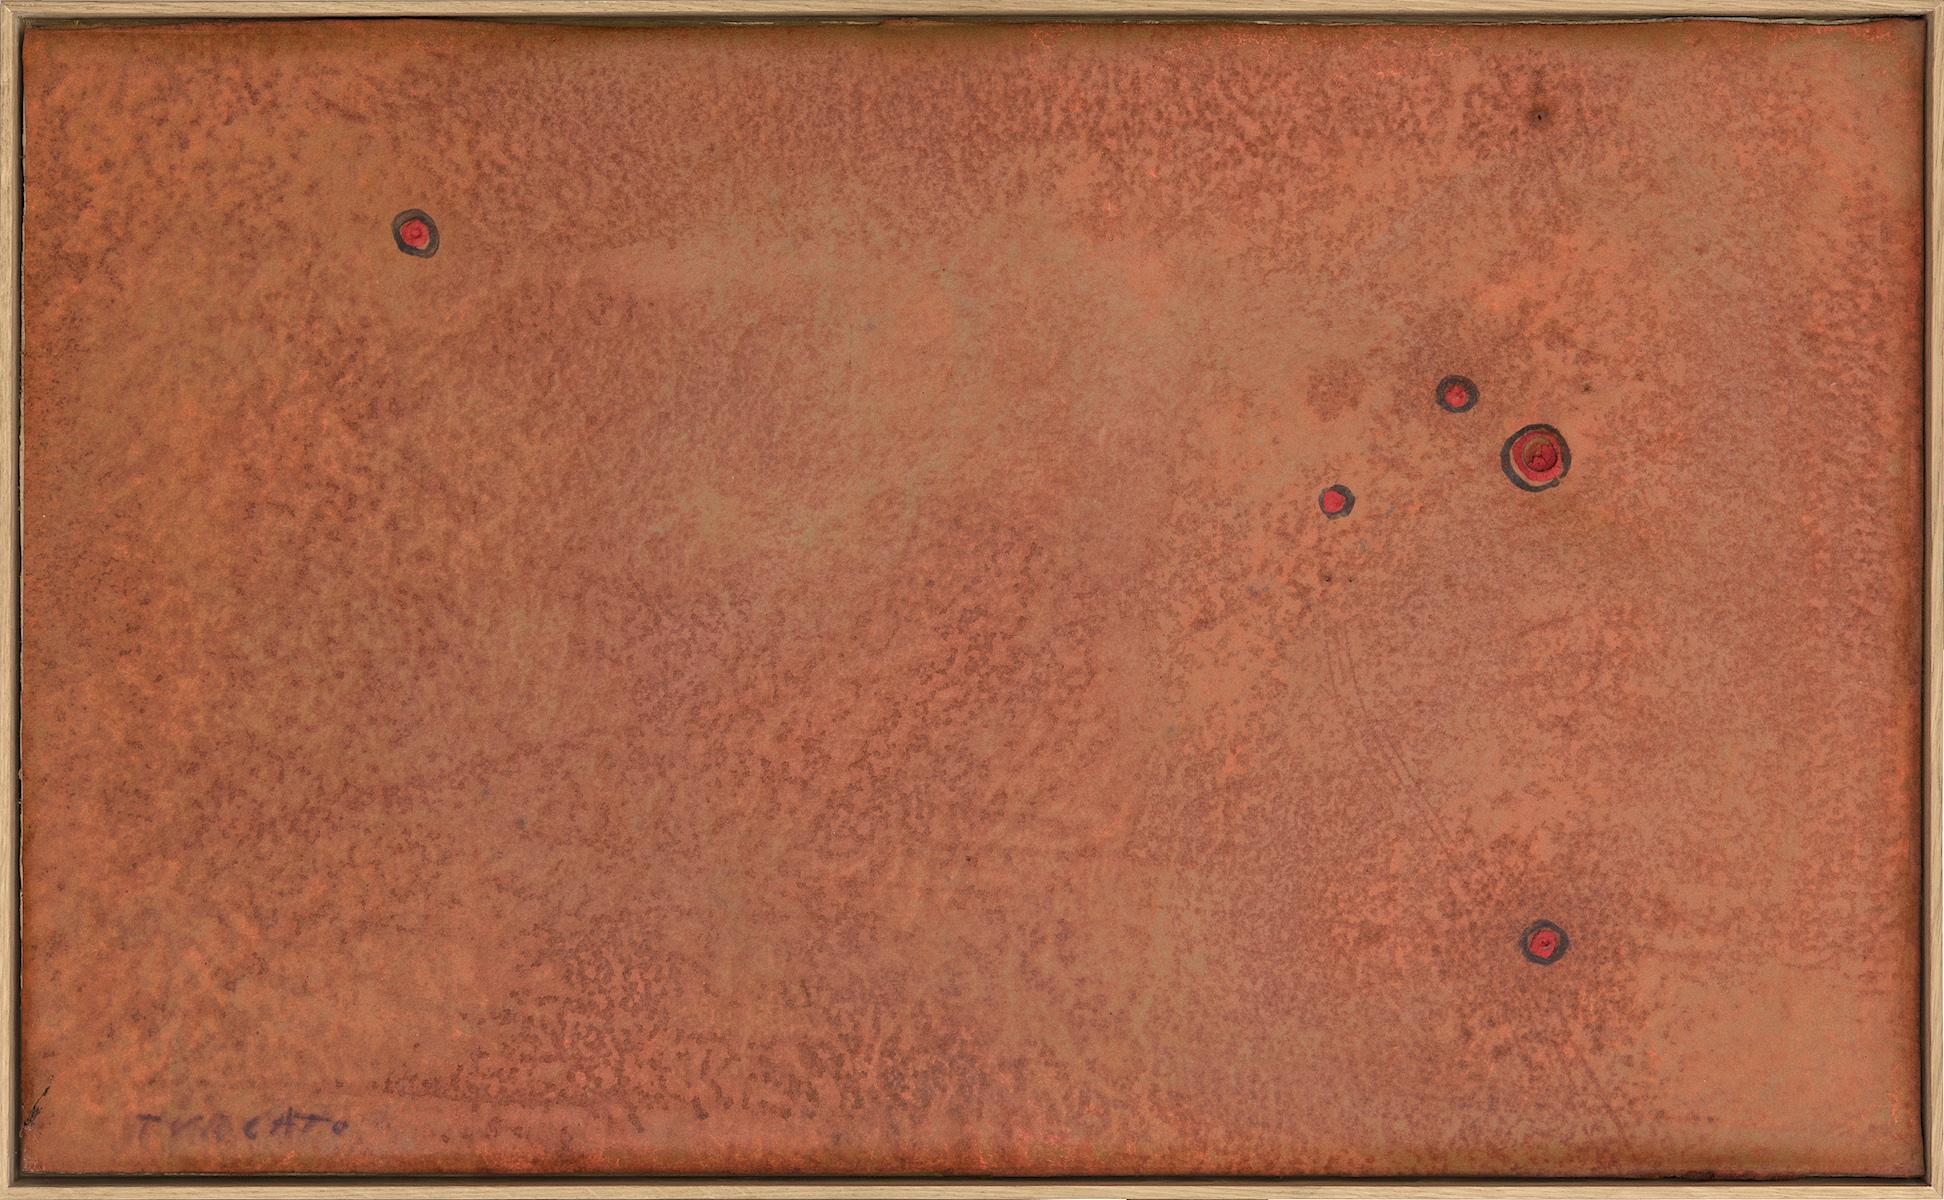 1968, olio e tecnica mista su gommapiuma, cm 42x69